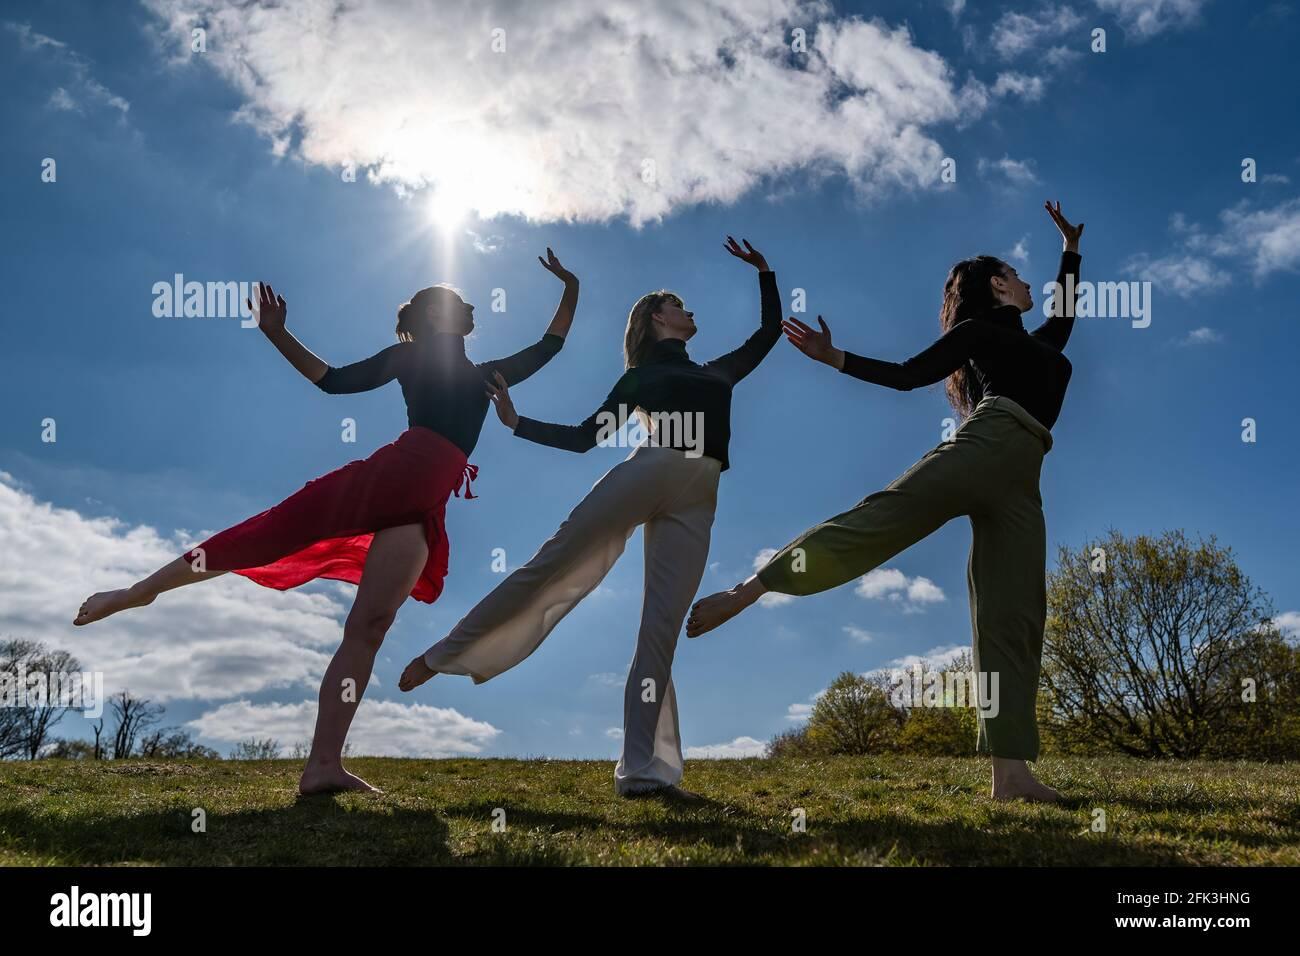 London, Großbritannien. April 2021. Internationaler Tanztag: Vor dem Internationalen Tanztag am 29. April treten Tänzer des Ranbu Collective auf Hampstead Heath auf (L-R Belinda Roy, Sophie Chinner, Coralie Calfond). Das neu gegründete Tanzkollektiv mit Sitz in London und Japan will eine Plattform für zeitgenössische Tänzer schaffen, um mit anderen Künstlern zusammenzuarbeiten, aufzutreten und Ideen auszutauschen. Der Internationale Tanztag, der erstmals 1982 gefeiert wurde, findet jedes Jahr seit der Geburt von Jean-Georges Noverre (1727-1810), dem Schöpfer des modernen Balletts, statt. Kredit: Guy Corbishley/Alamy Live Nachrichten Stockfoto